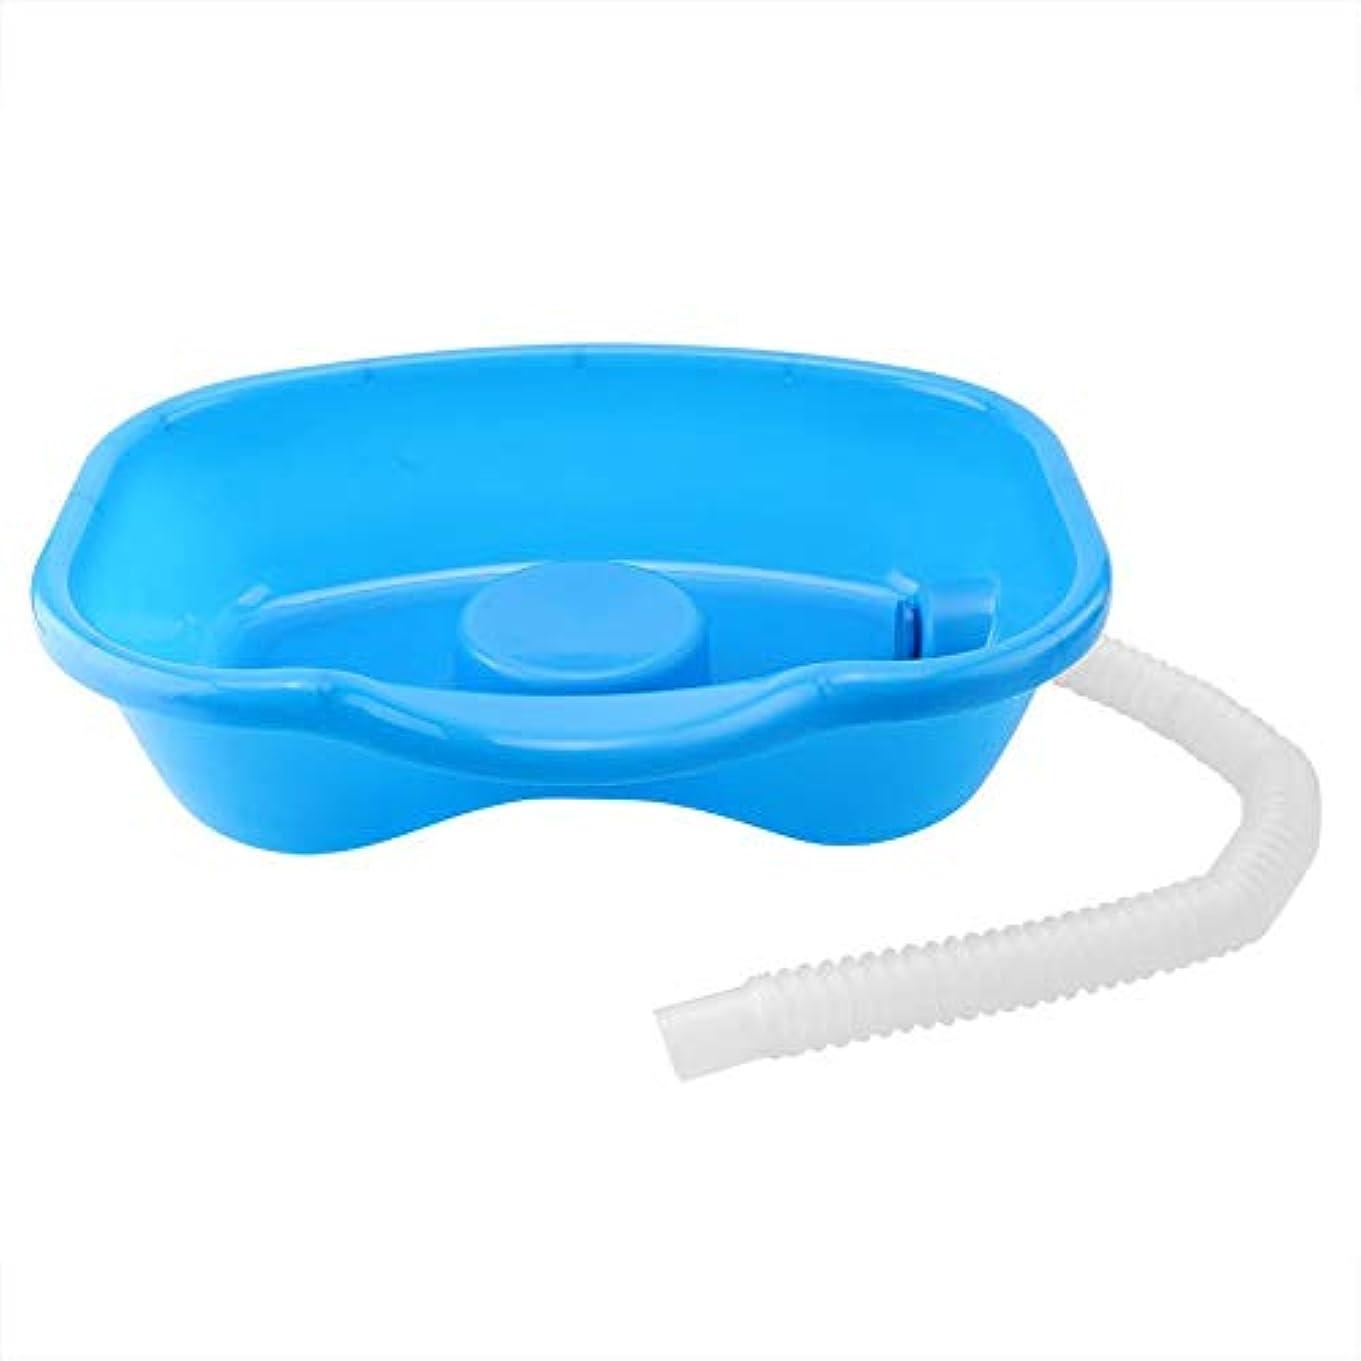 排泄するシャーロッドシャンプー洗面器、医療障害者用シャンプー洗面器厚いベッド洗髪皿プラスチックシャンプー洗面器